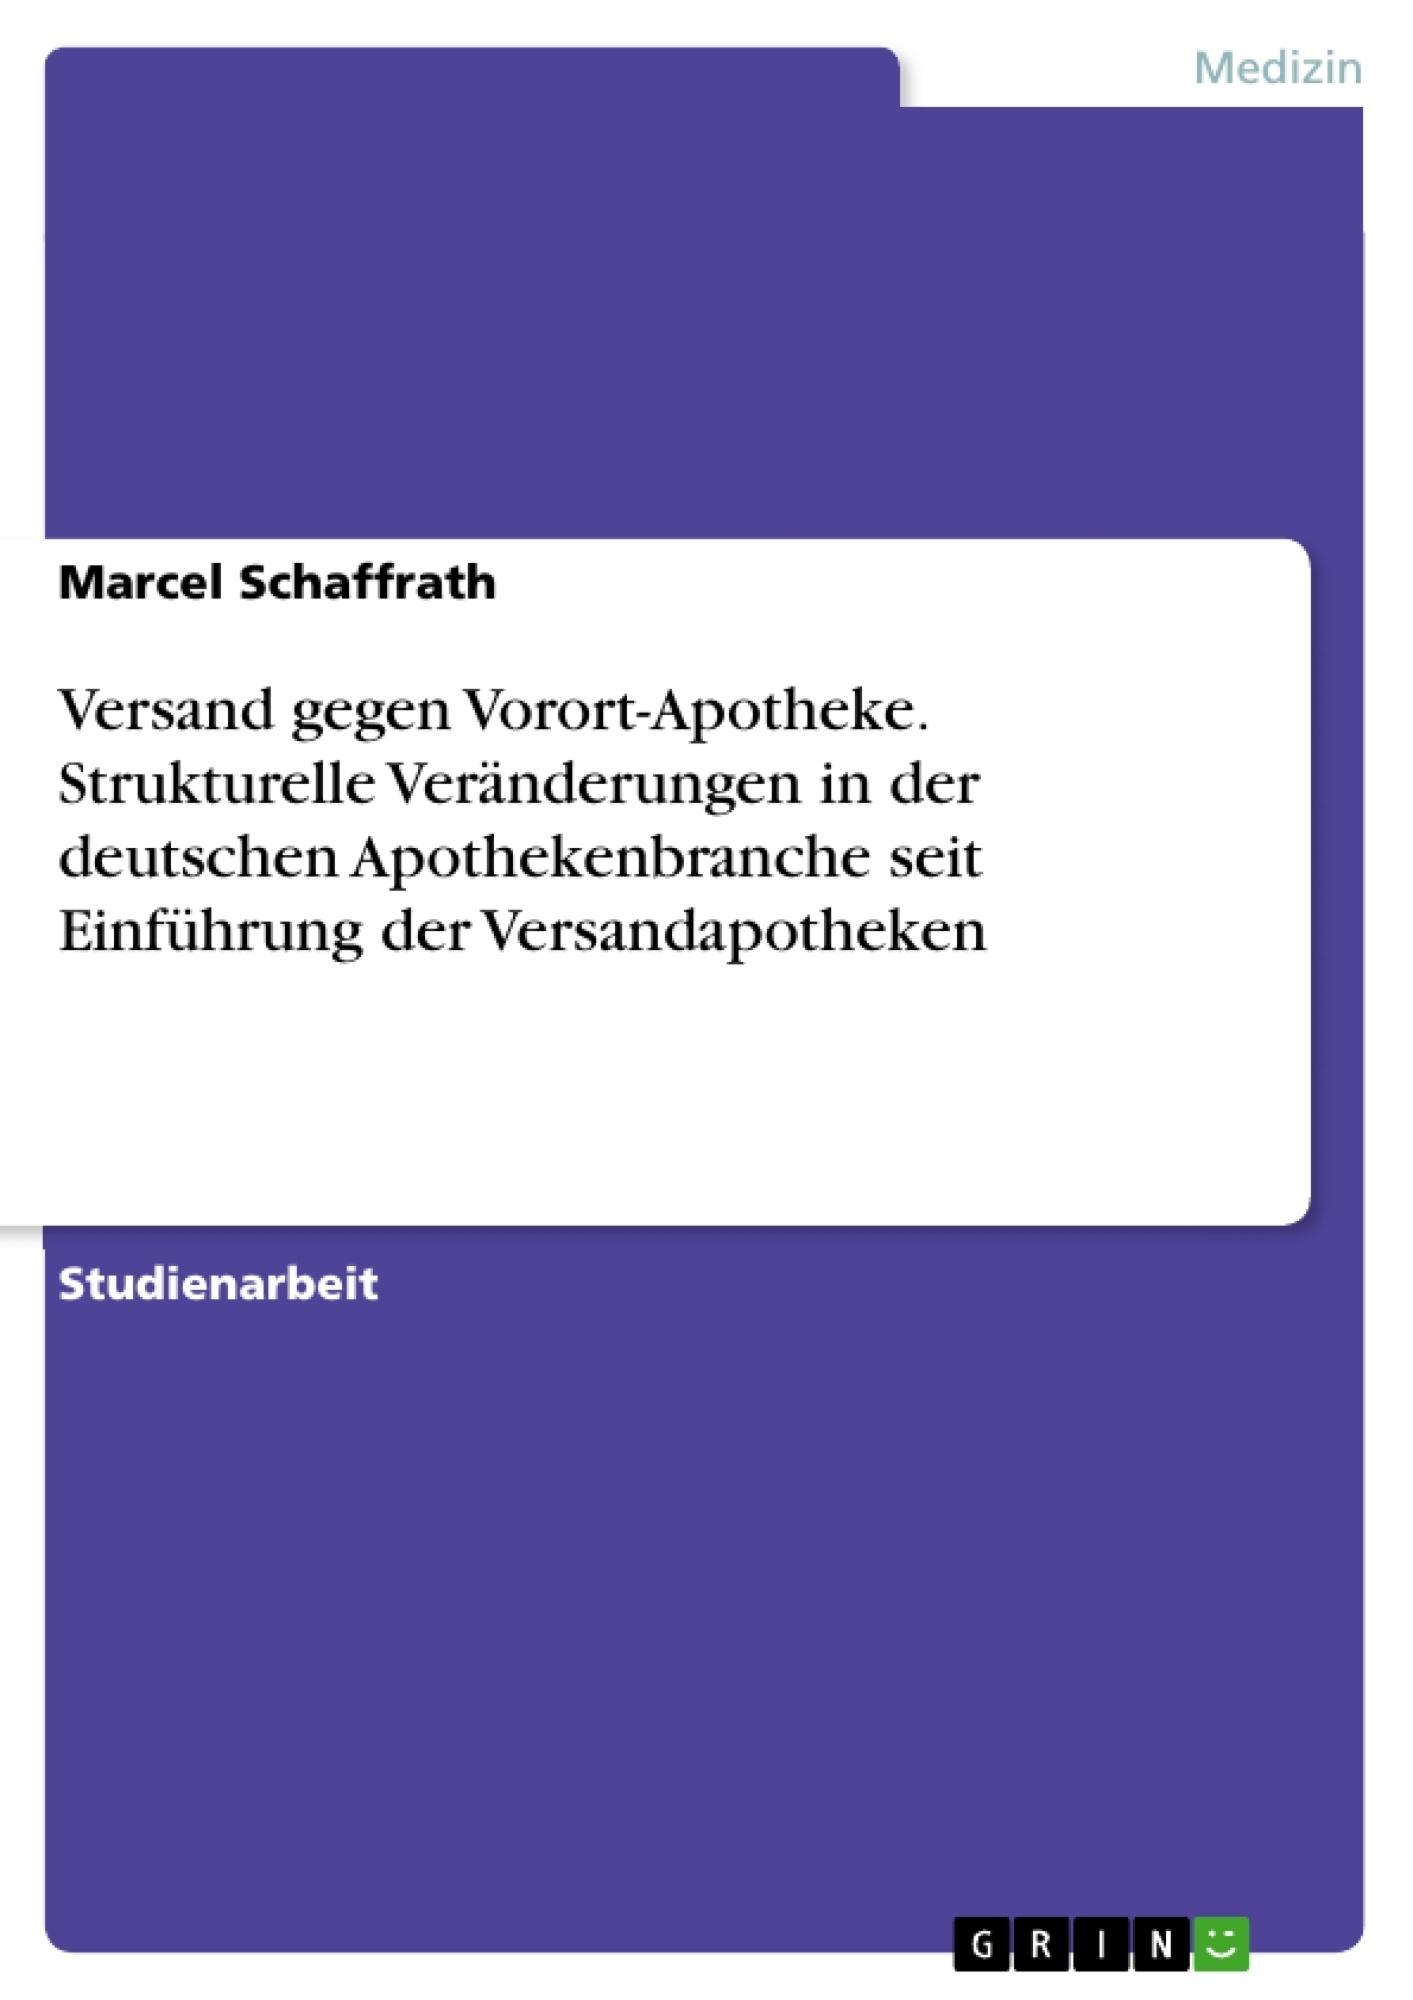 Titel: Versand gegen Vorort-Apotheke. Strukturelle Veränderungen in der deutschen Apothekenbranche seit Einführung der Versandapotheken